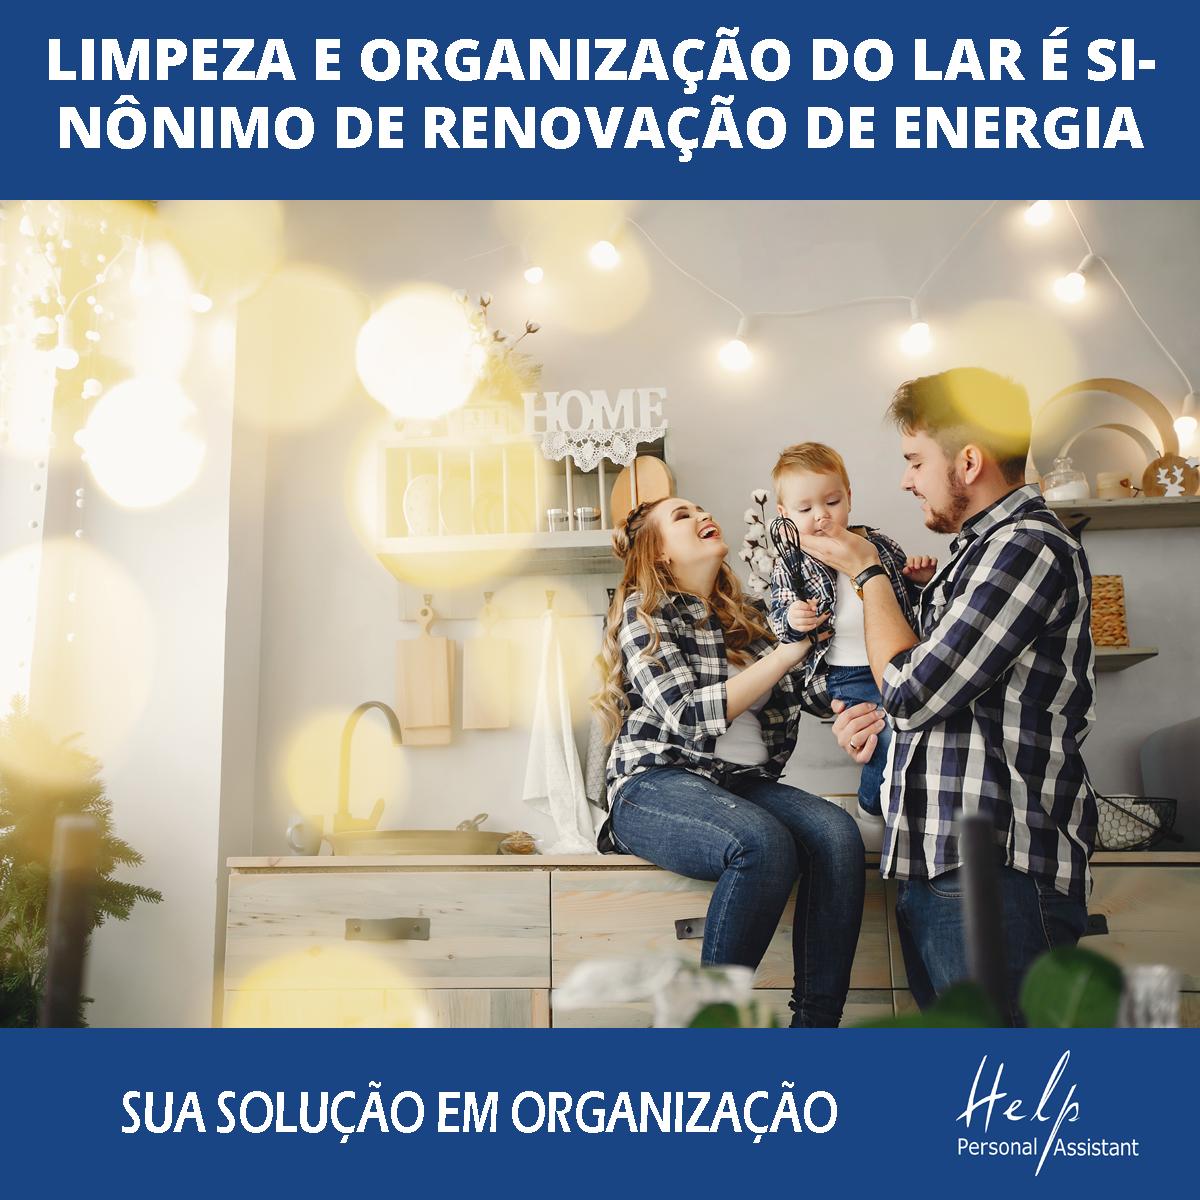 http://personalassistant.com.br/limpeza-e-organizacao-do-lar/